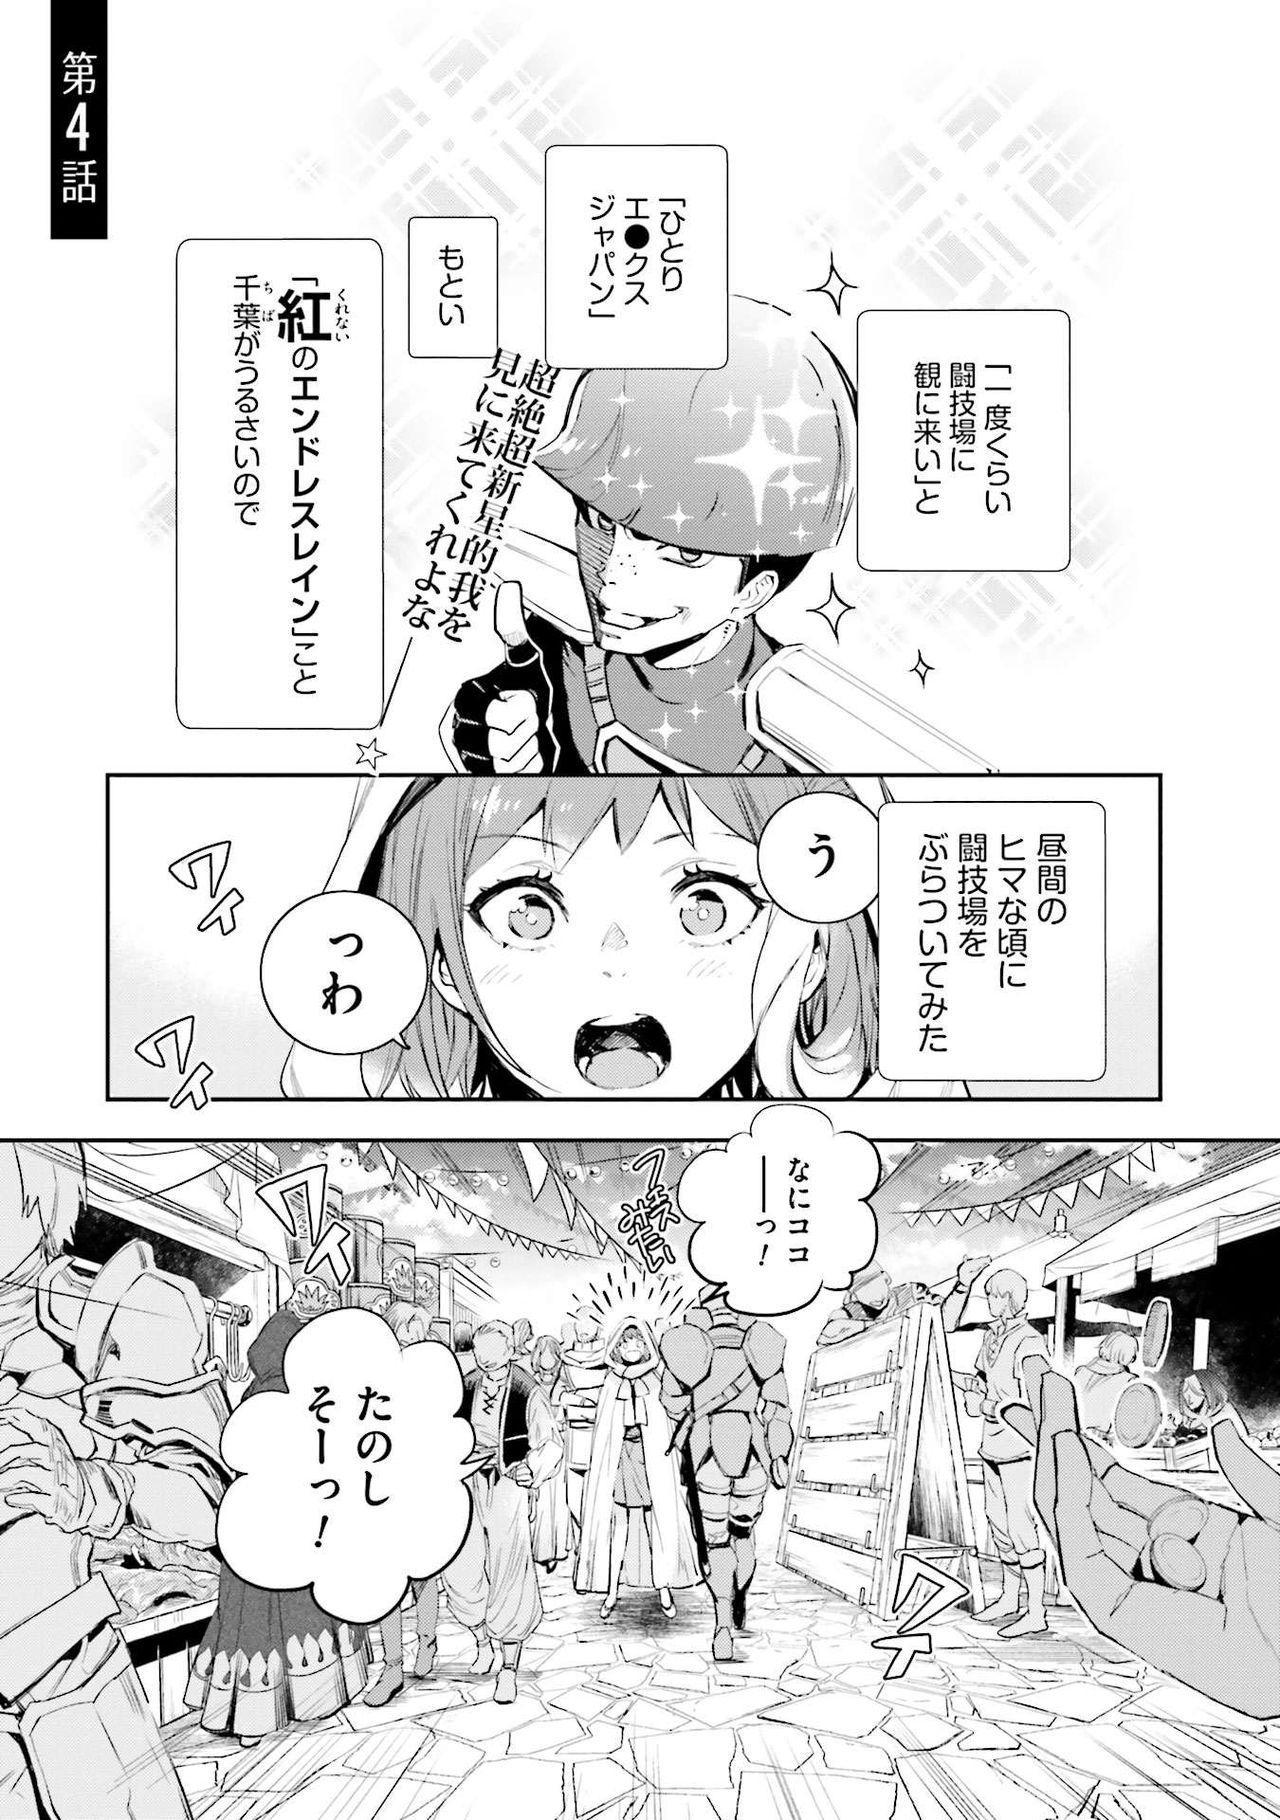 JK Haru wa Isekai de Shoufu ni Natta 1-14 132